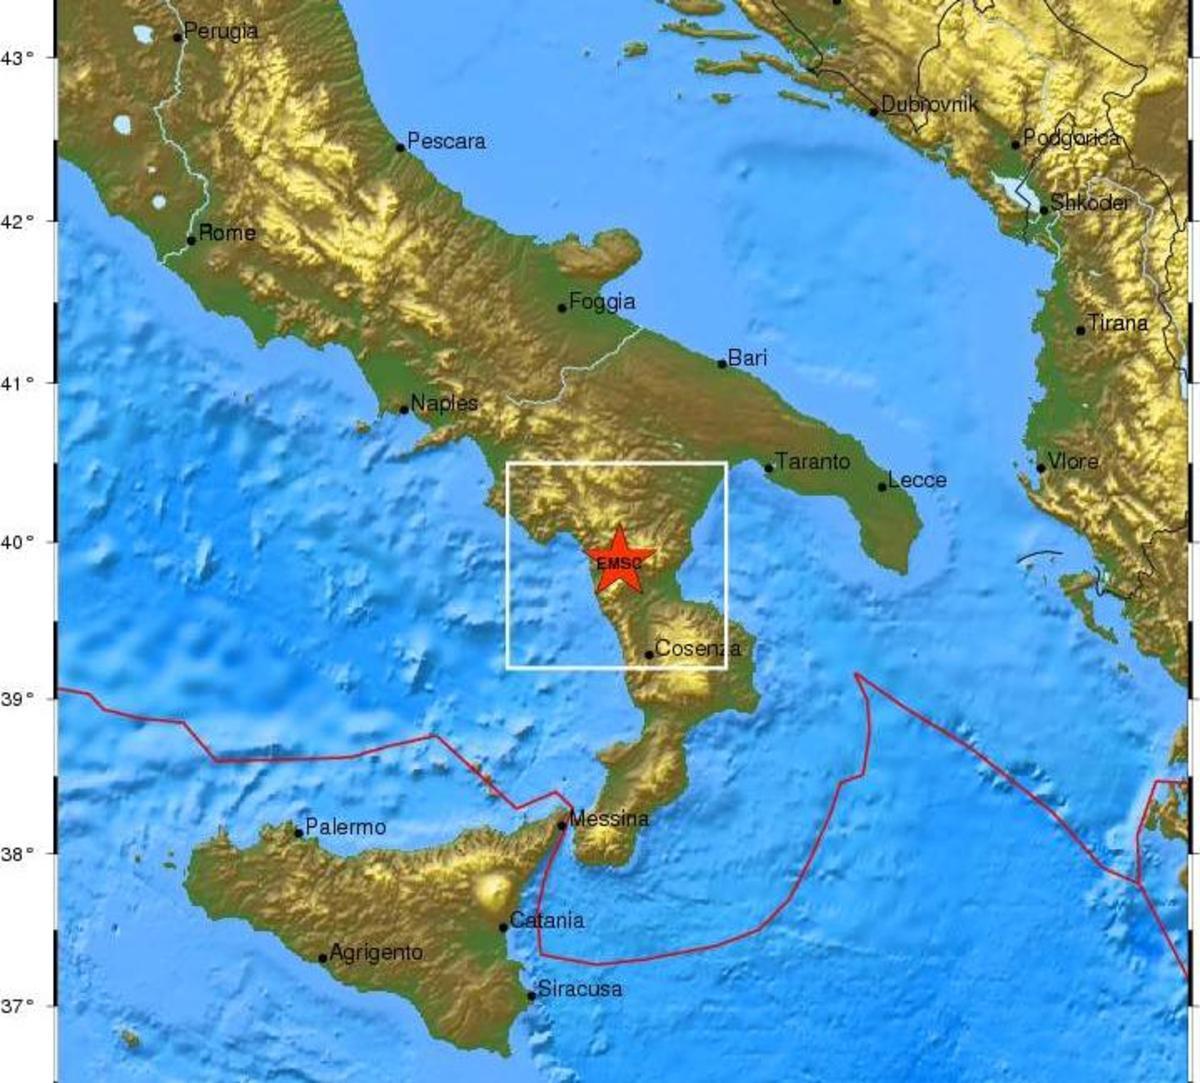 Σεισμός 5,3 Ρίχτερ στην Ιταλία – Ένας νεκρός από καρδιακή προσβολή   Newsit.gr